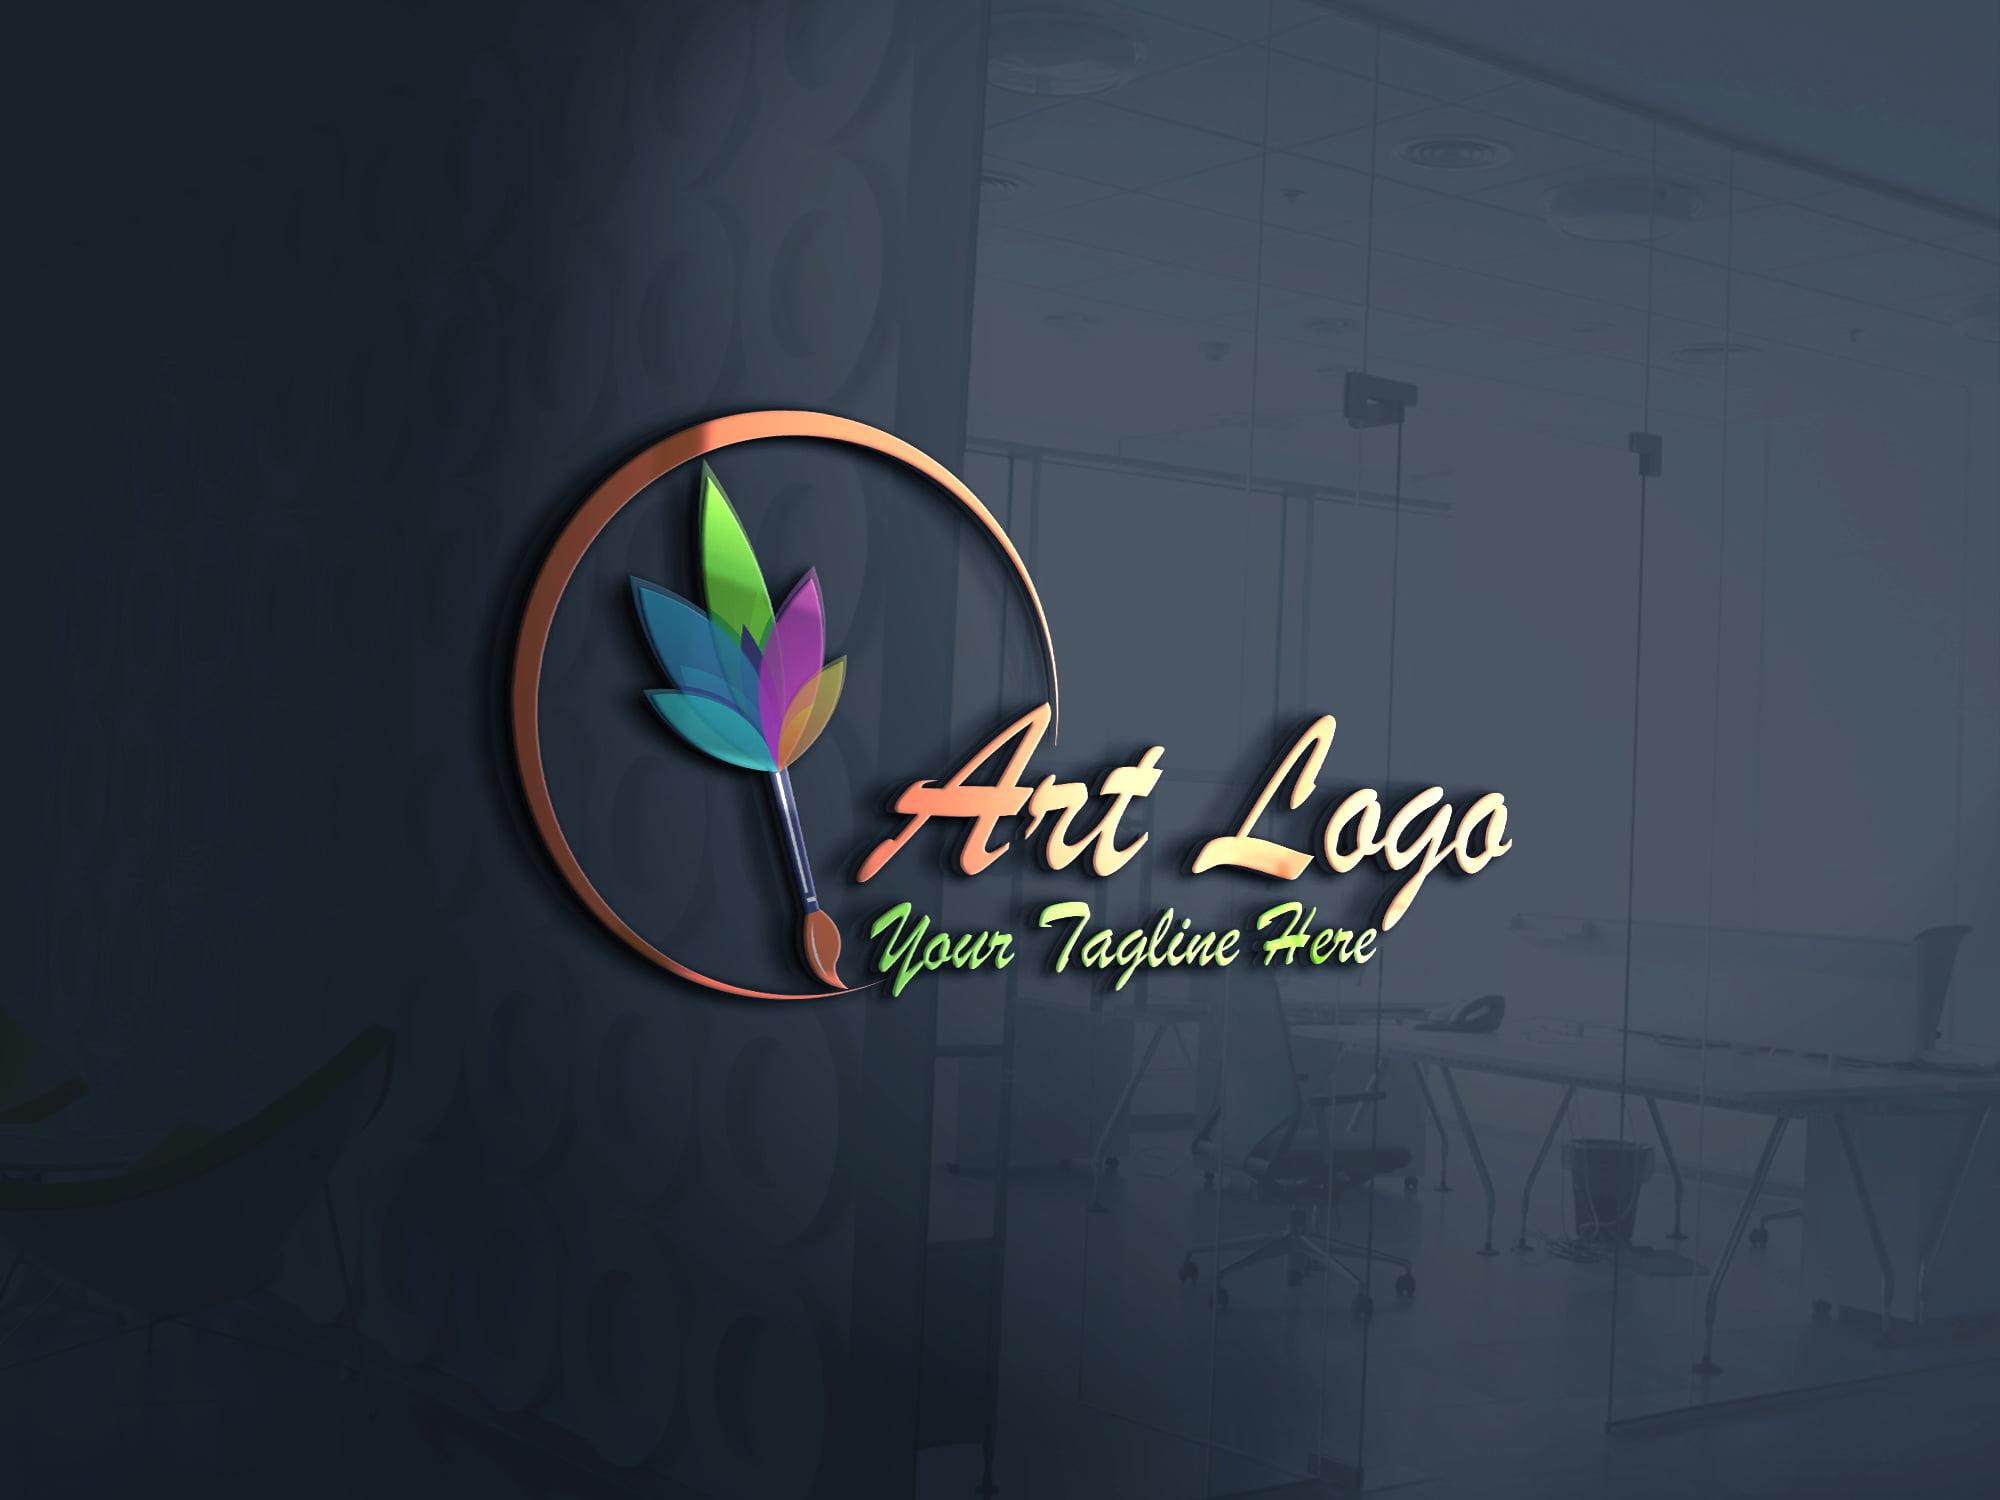 Art Logo - Easily Make Artistic Logo Design on 3d glass window